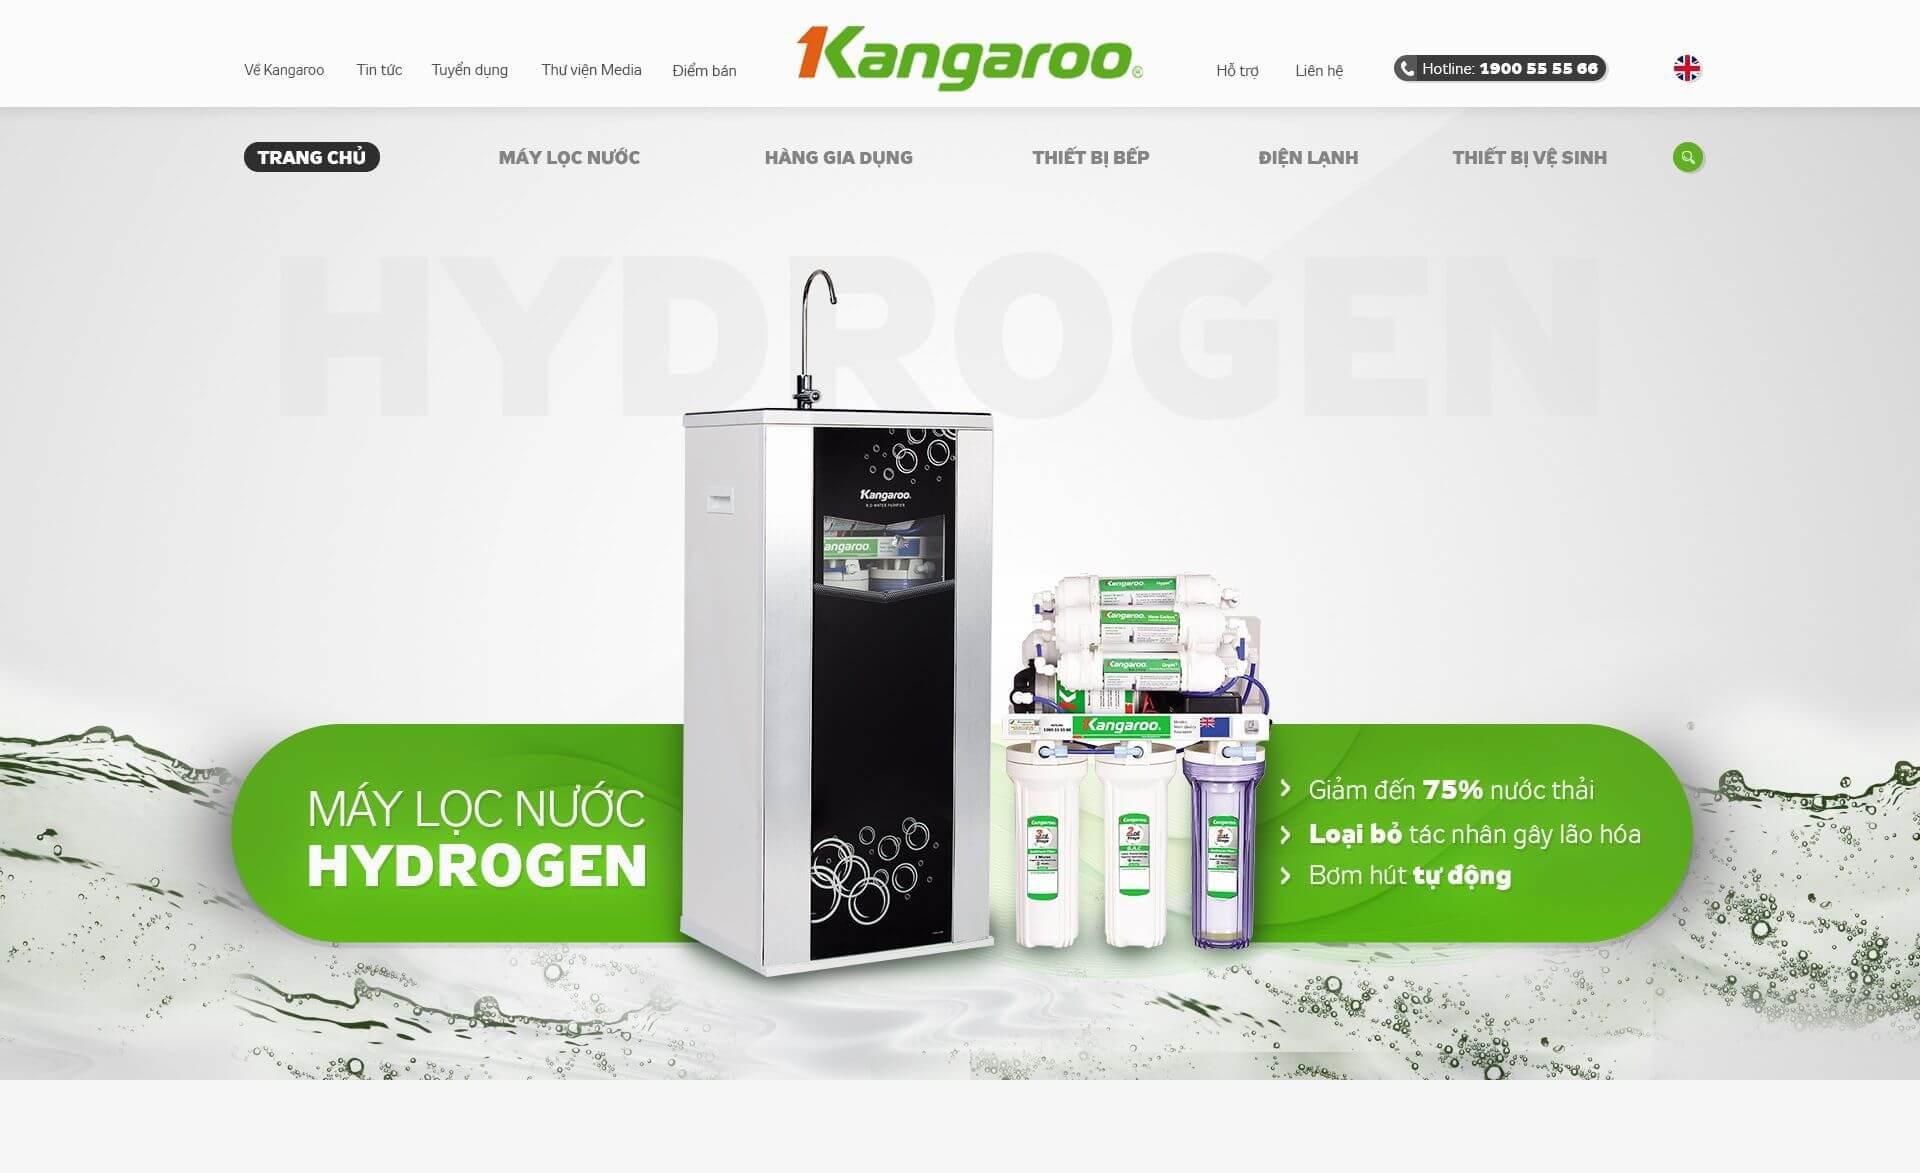 Home_kangaroo-banner